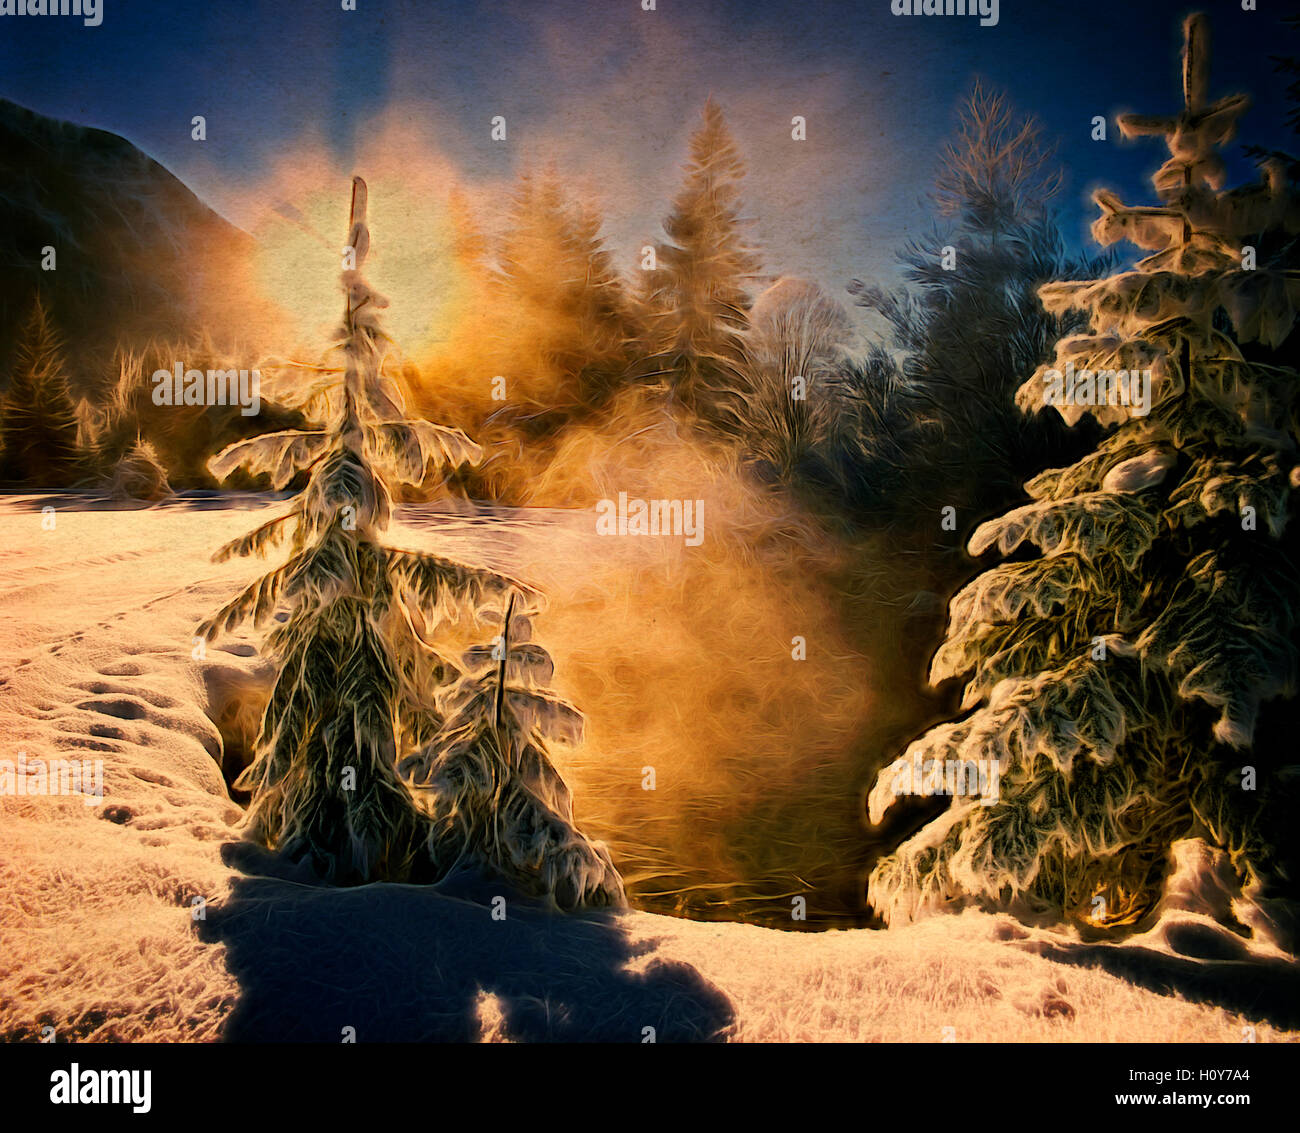 DIGITAL ART: Winterscene near Ettal Stock Photo